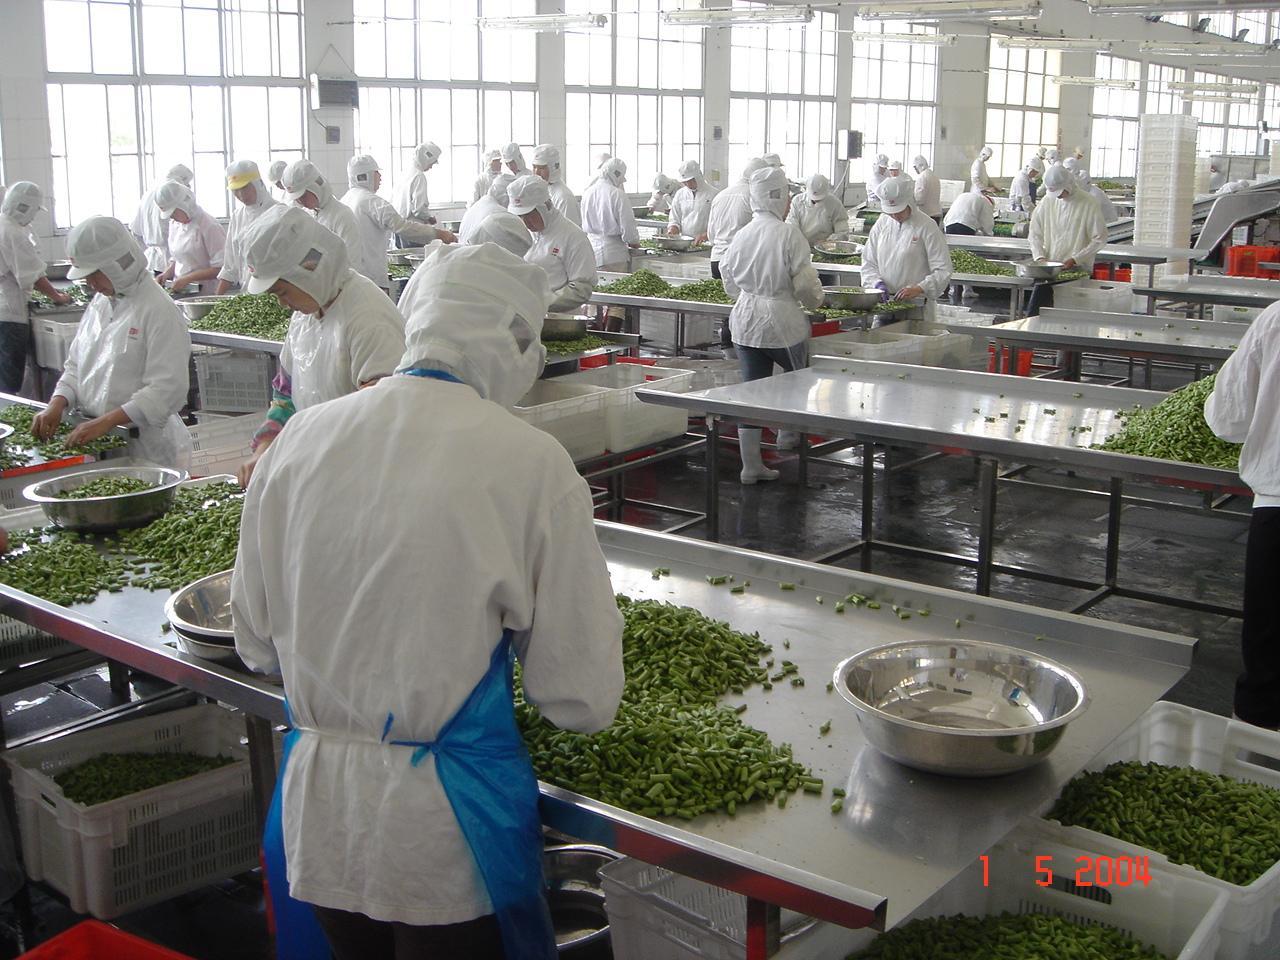 IQF Cut Green Beans,Frozen Cut Green Beans,IQF Green Beans Cuts 17